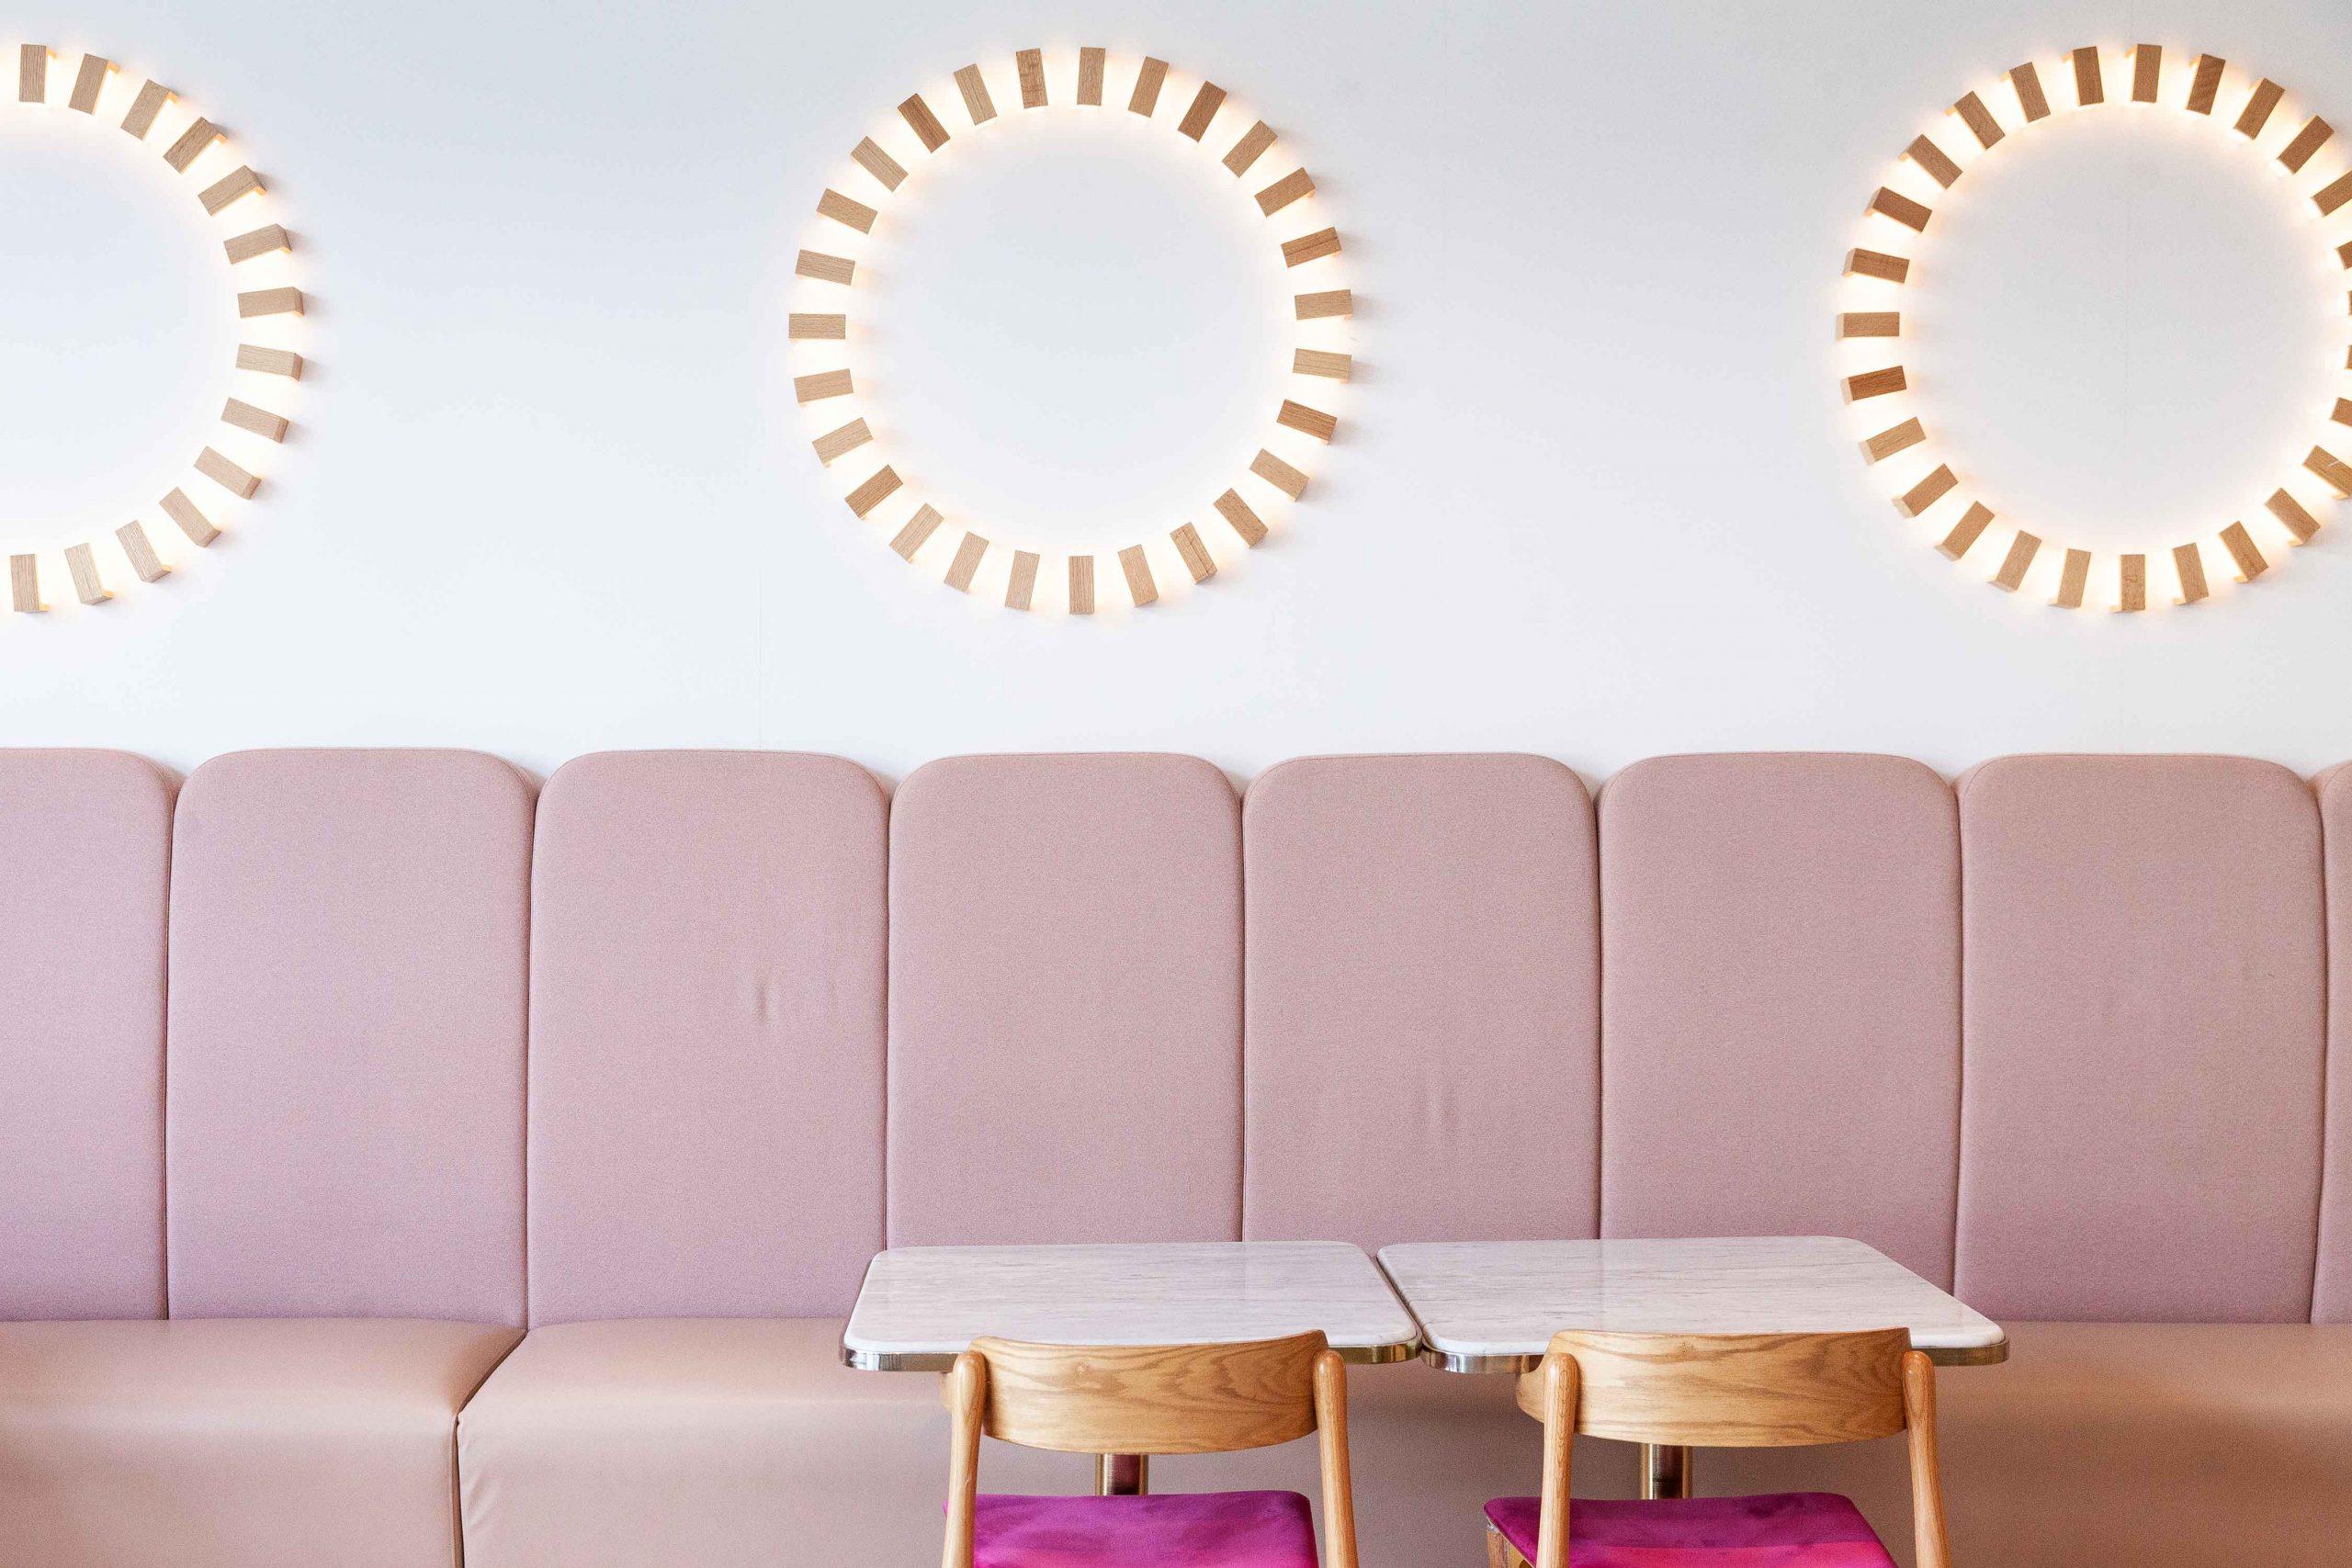 Jarlicious-Interior Design Company Dubai